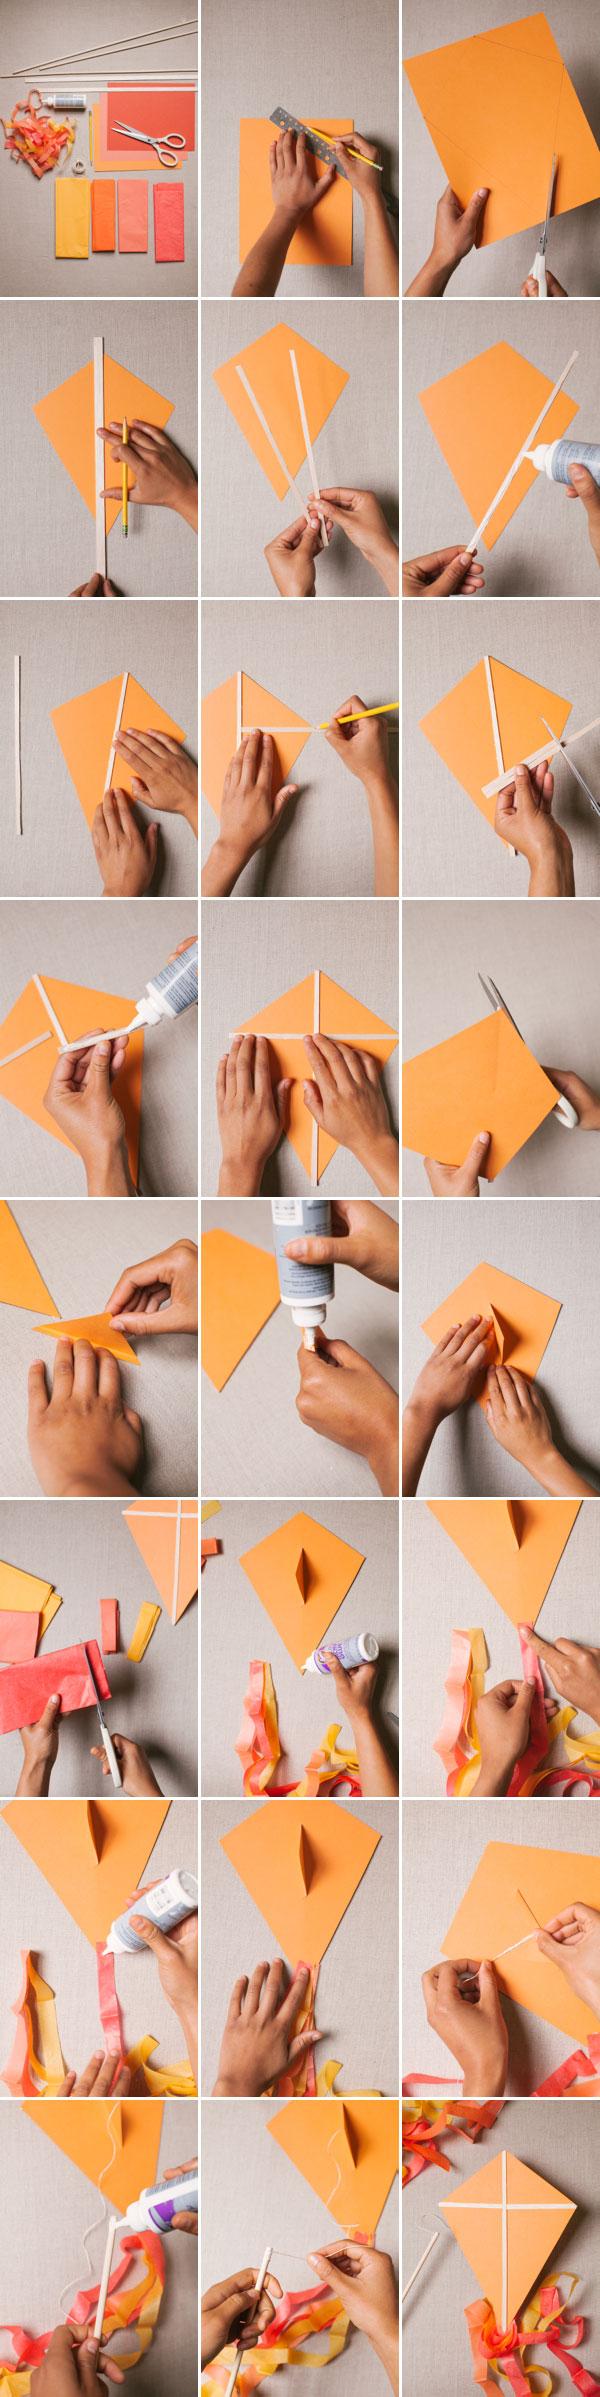 Как сделать воздушного змея своими руками только из бумаги